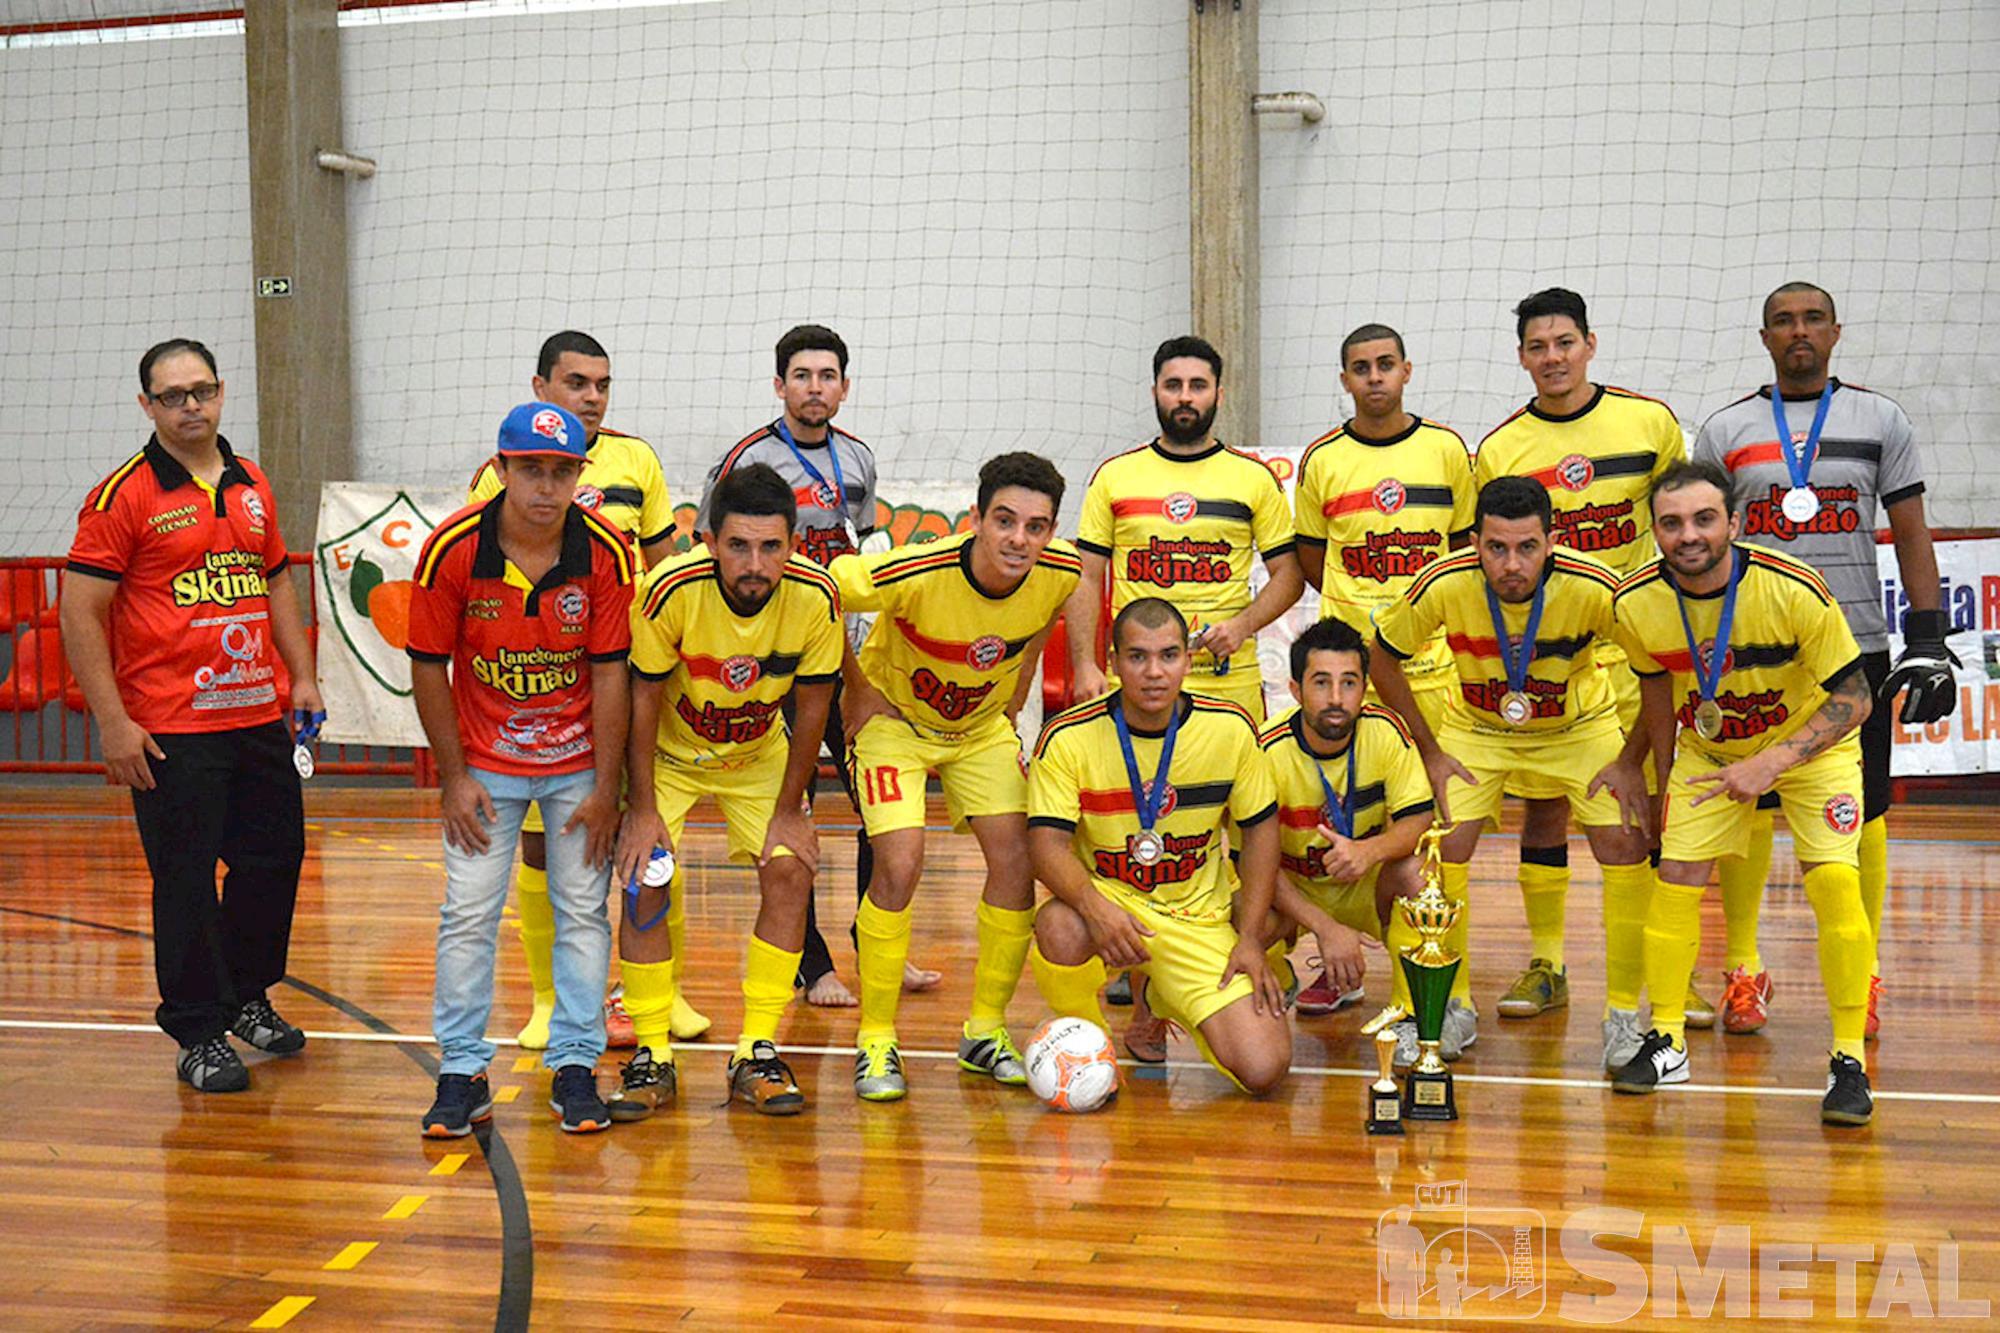 Equipe vice-campeã da 12ª Taça Papagaio, Lanchonete Skinão, ,